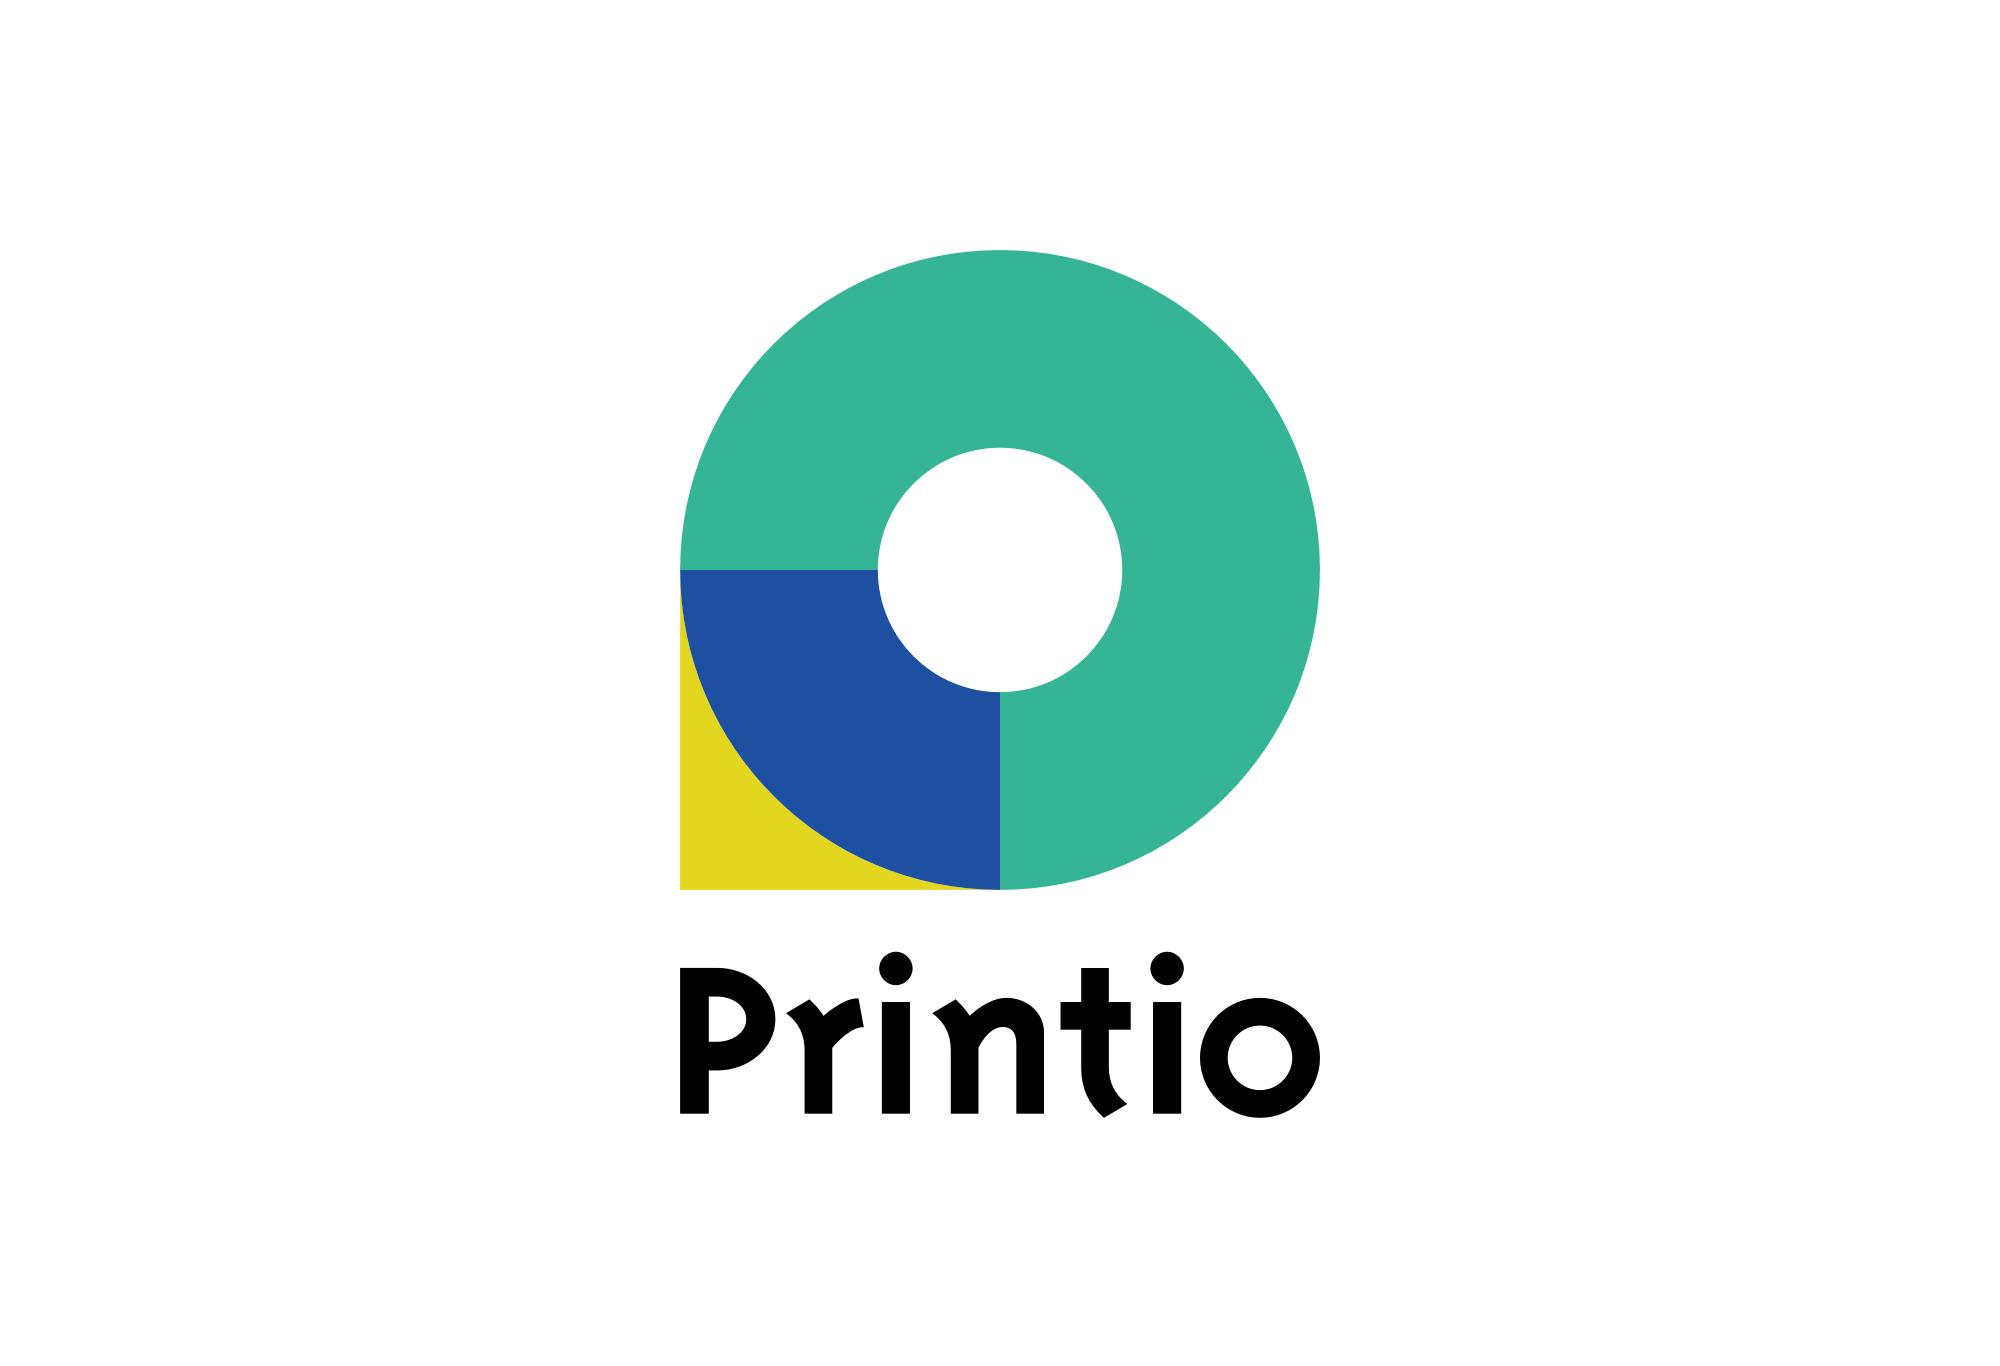 Printio1